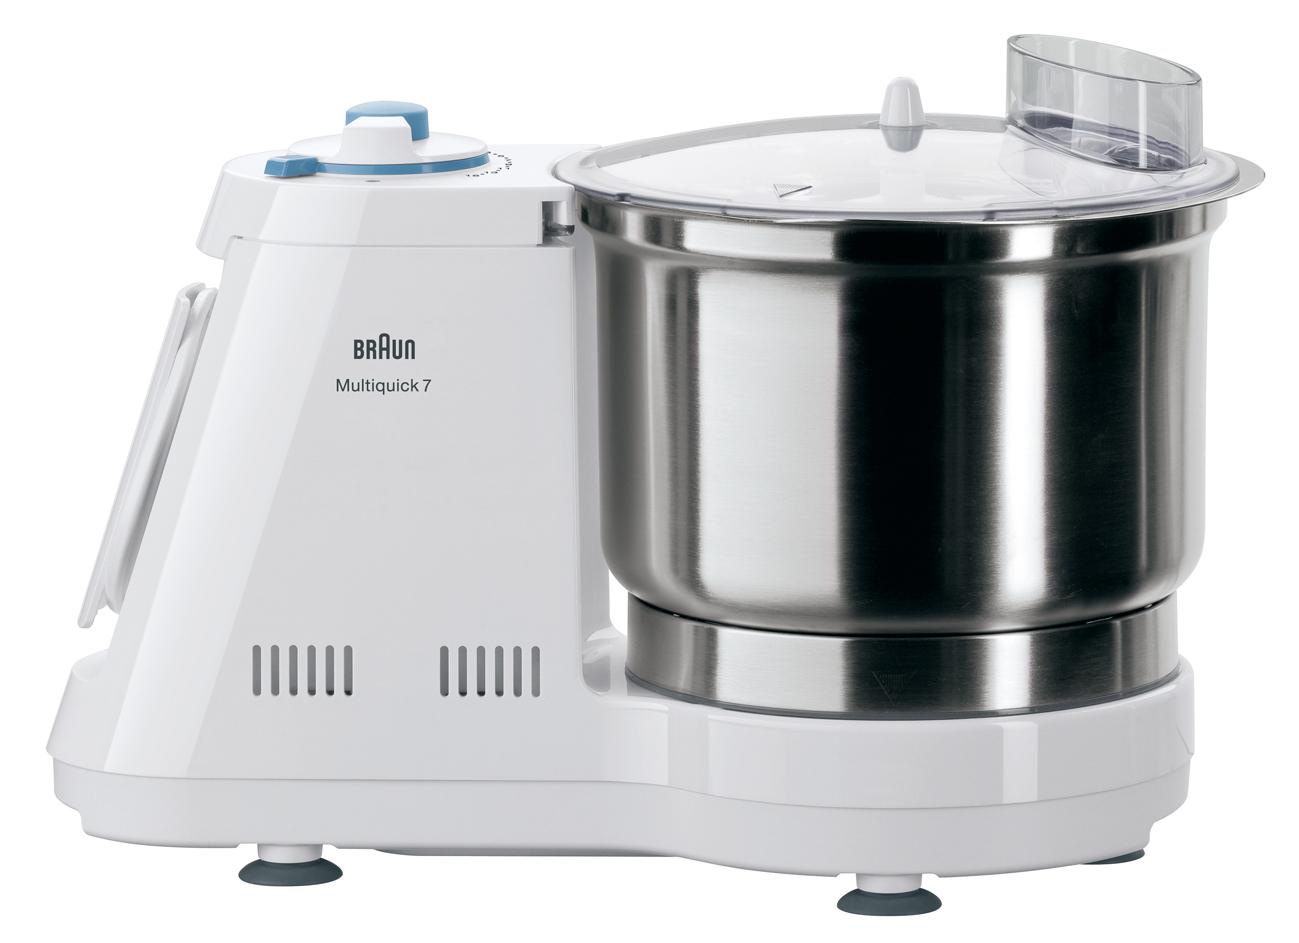 Braun Ersatzteile Küchenmaschine 2021